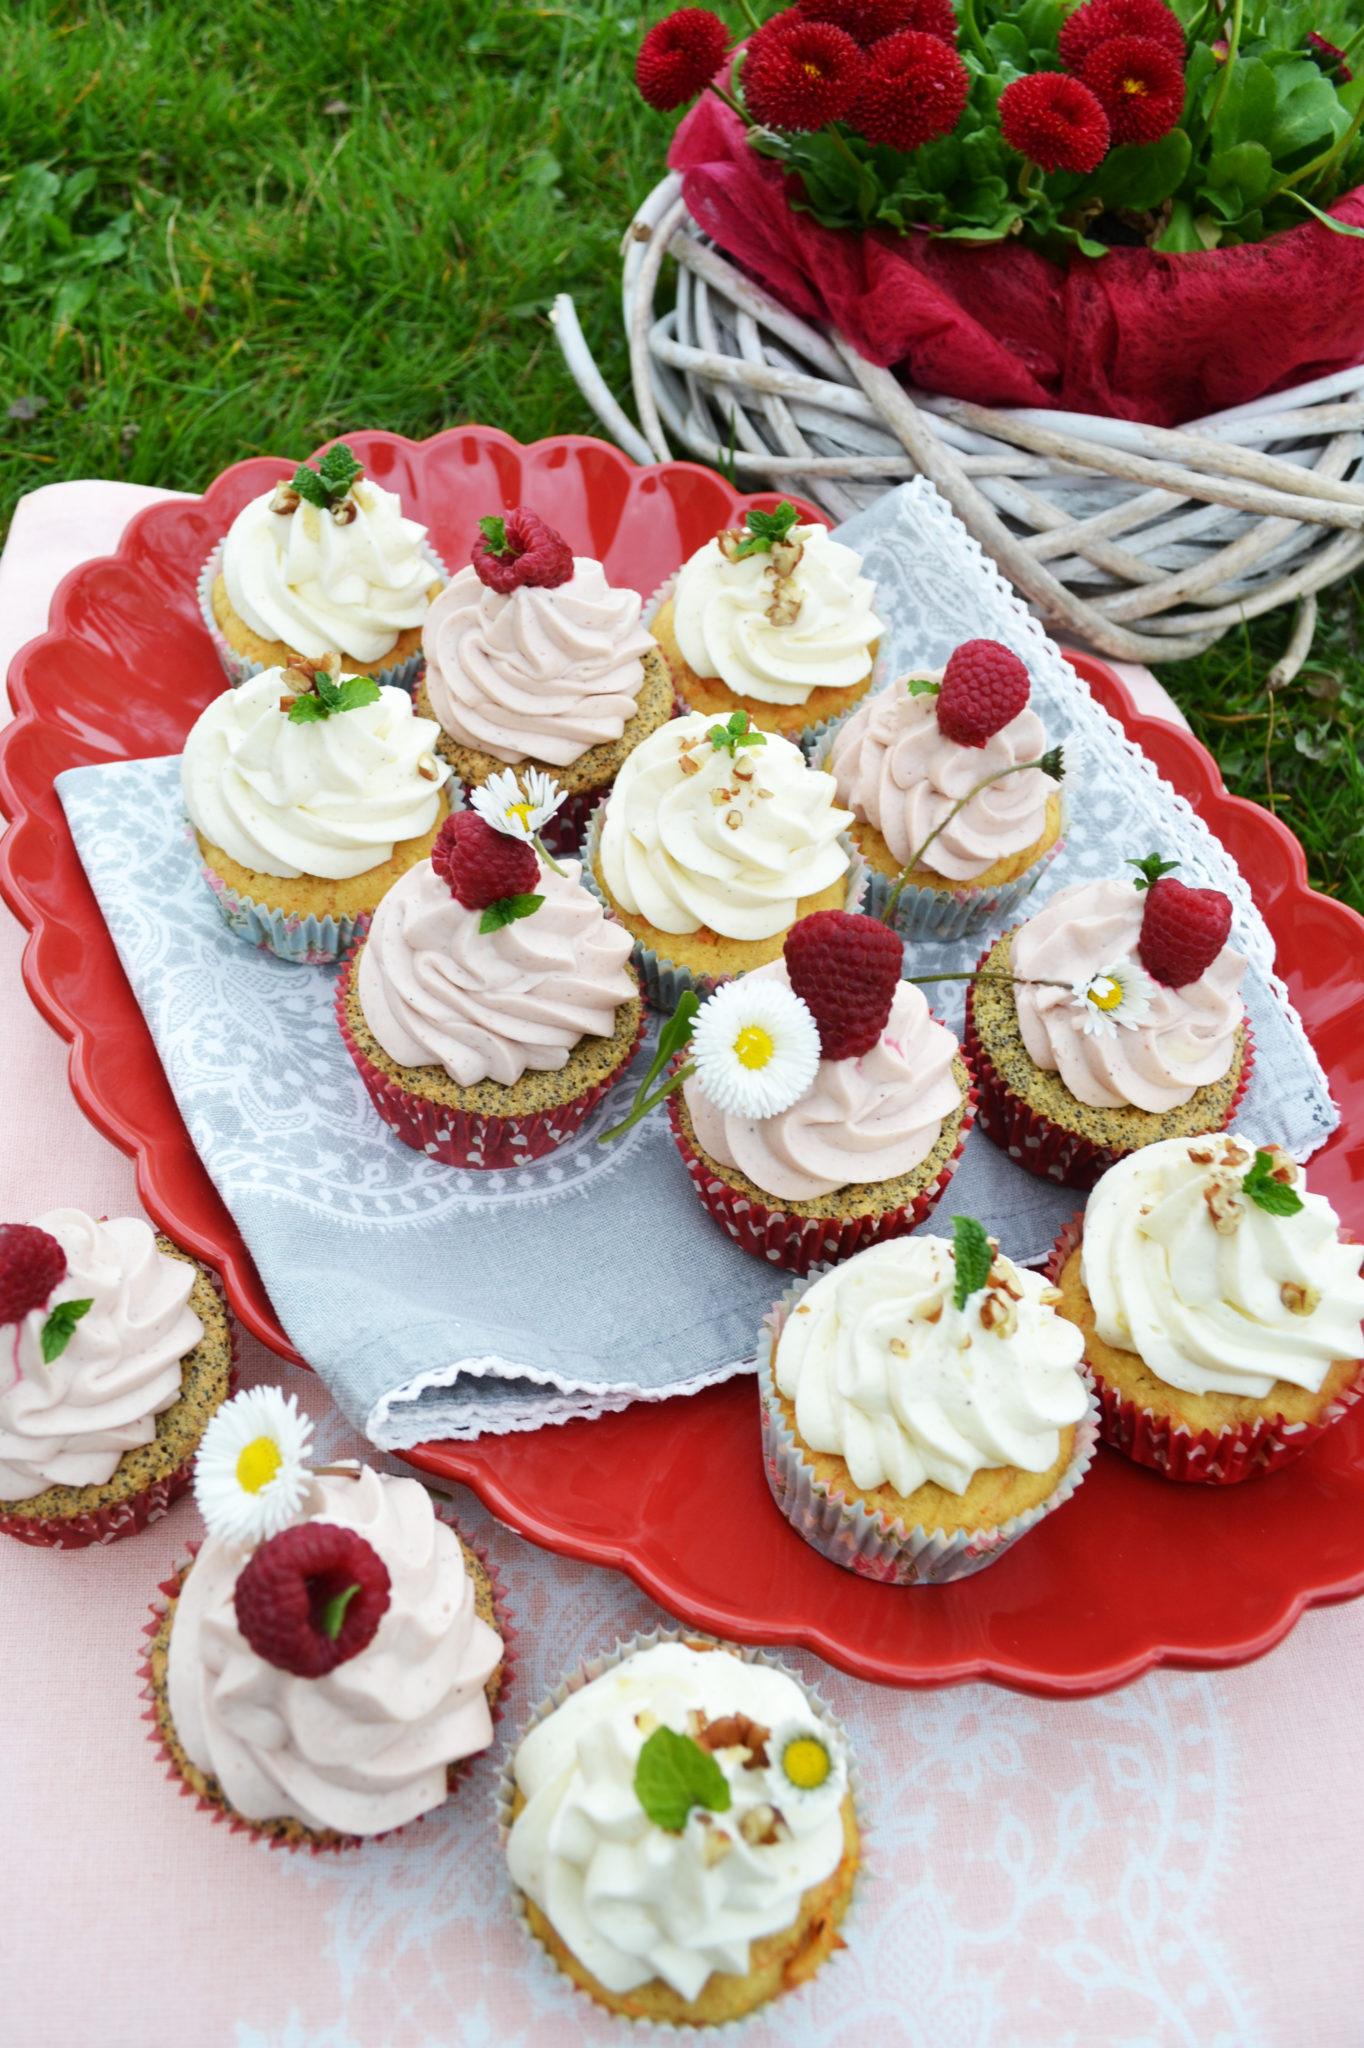 Törtchen mit Sti(e)l! Himbeer-Mohn und Holunder-Karotten-Cupcakes